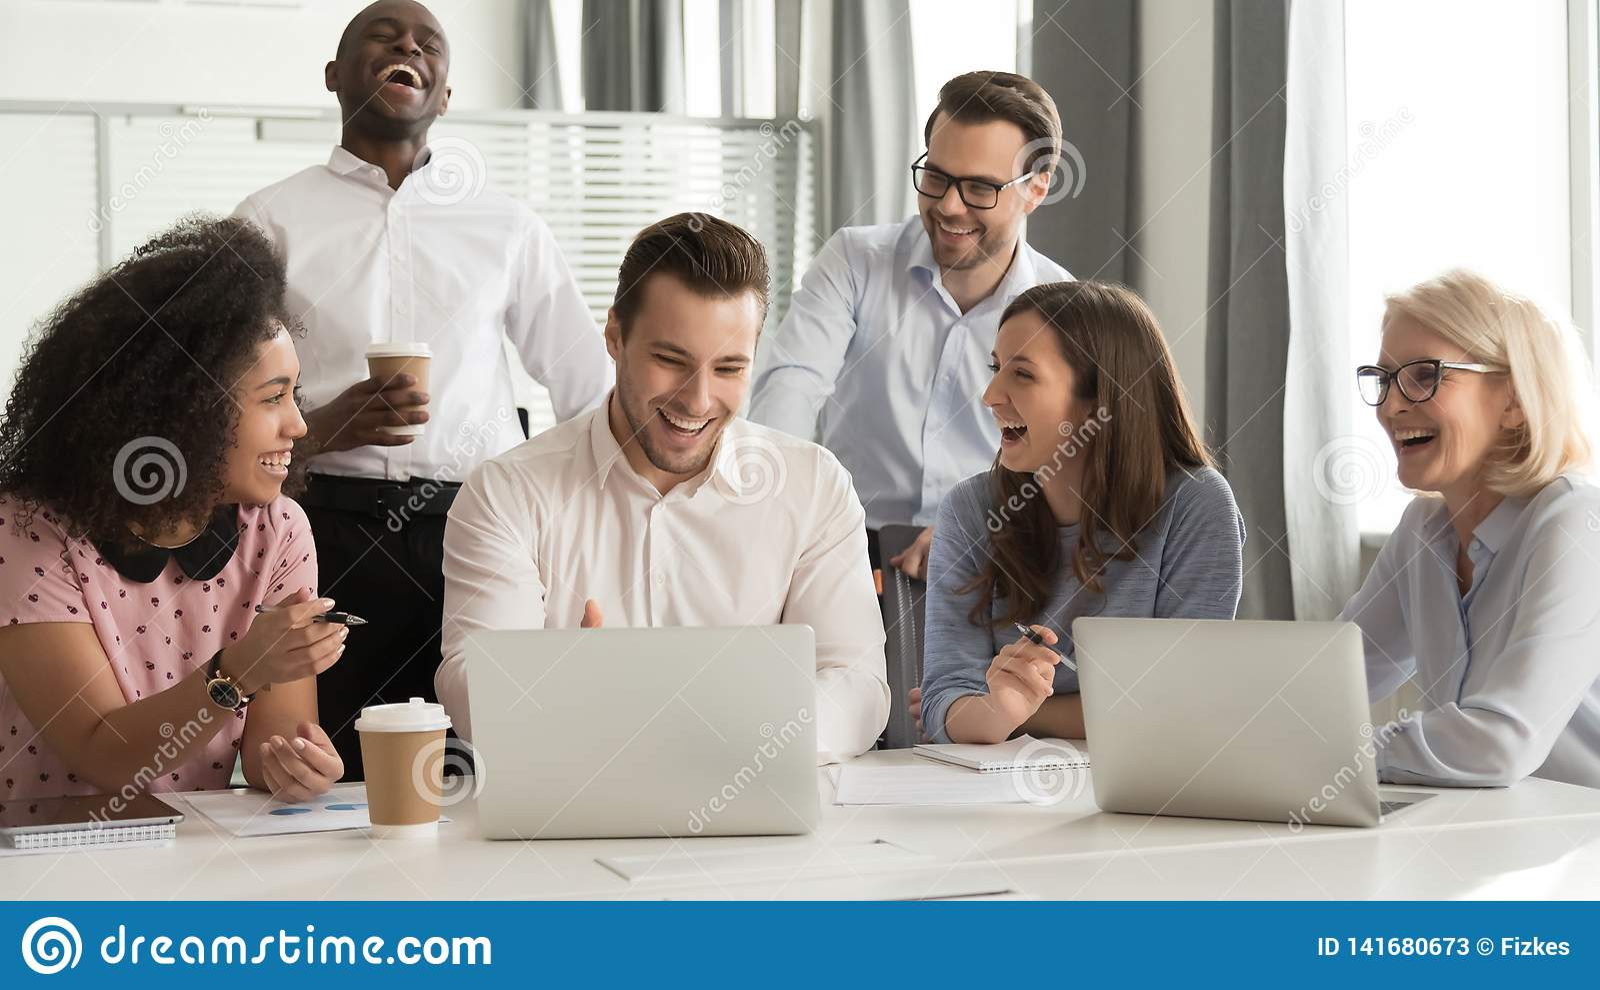 愉快的不同的办公室工作者合作一起笑在小组聚会上